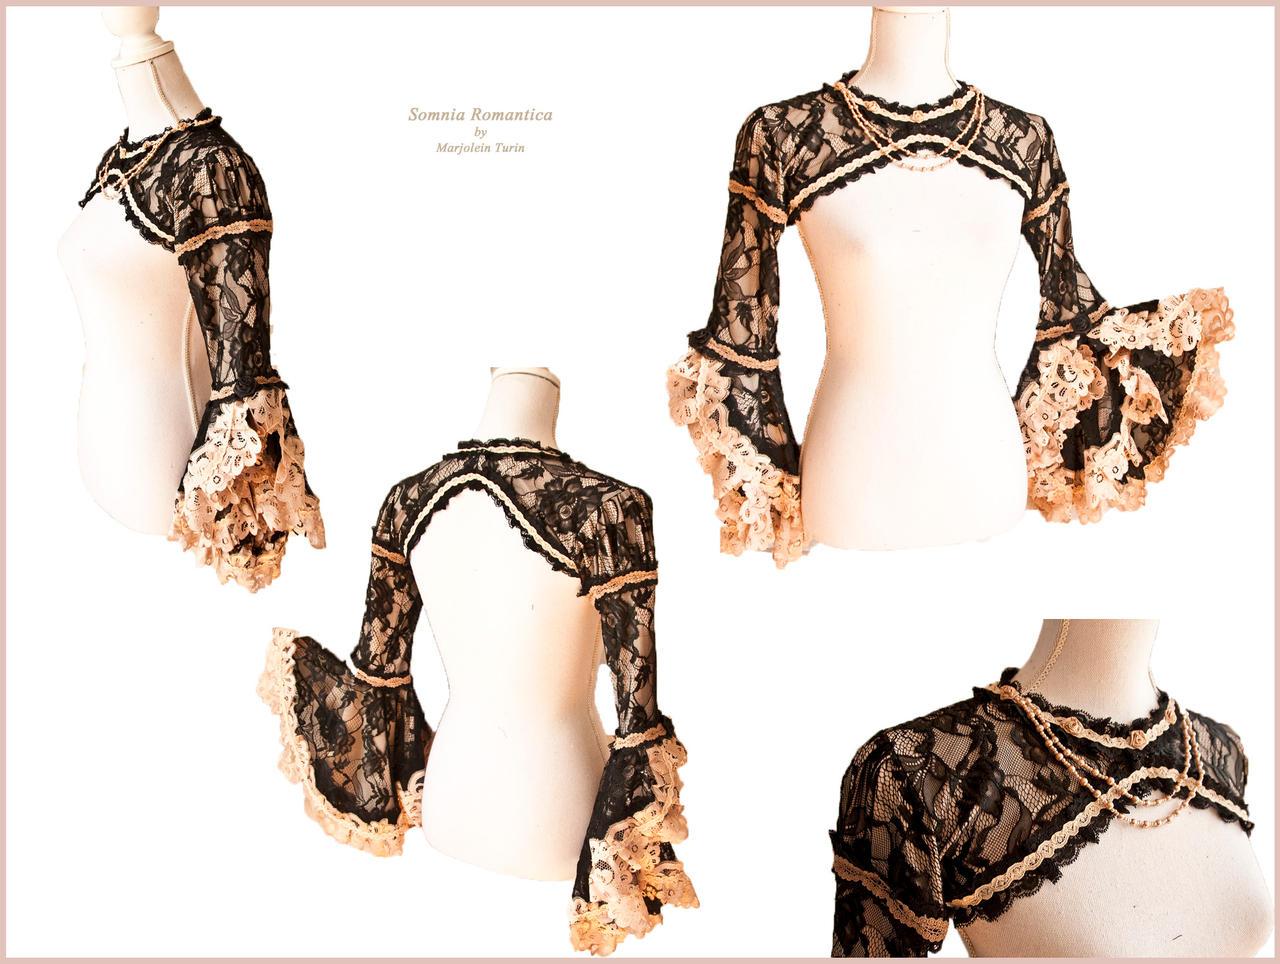 bolero lace 6b, Somnia Romantica by M Turin by SomniaRomantica